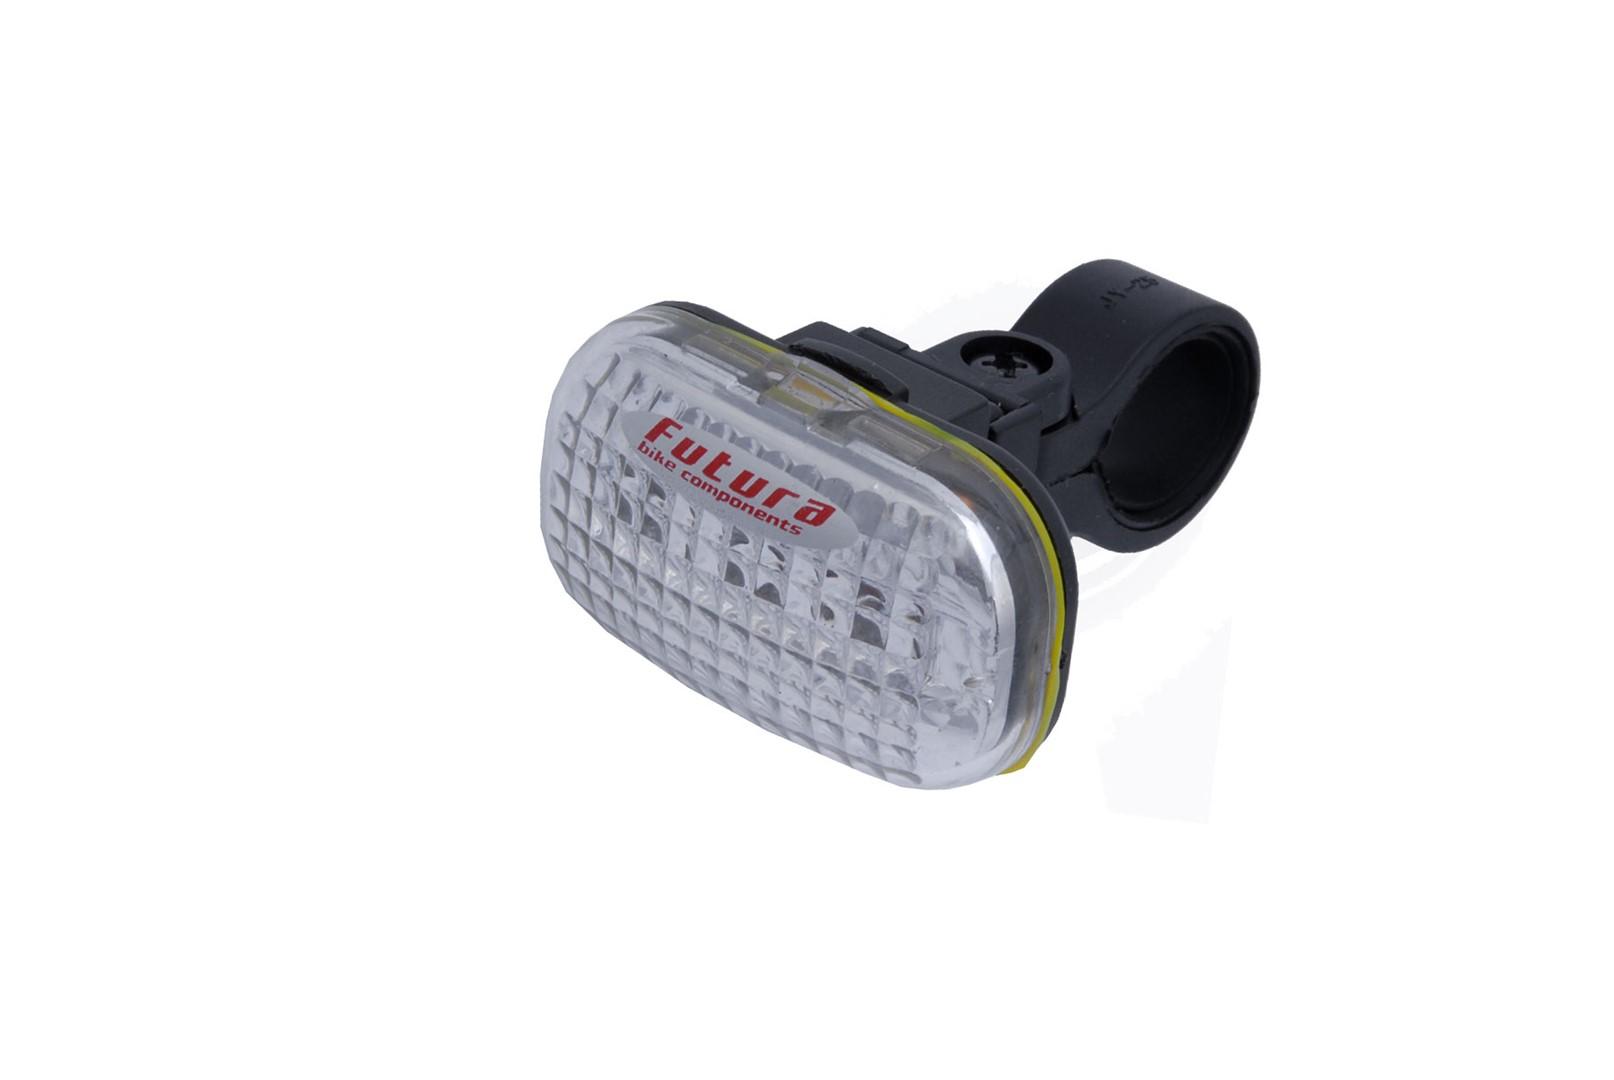 Lampka przednia FUTURA CLASSIC F + baterie